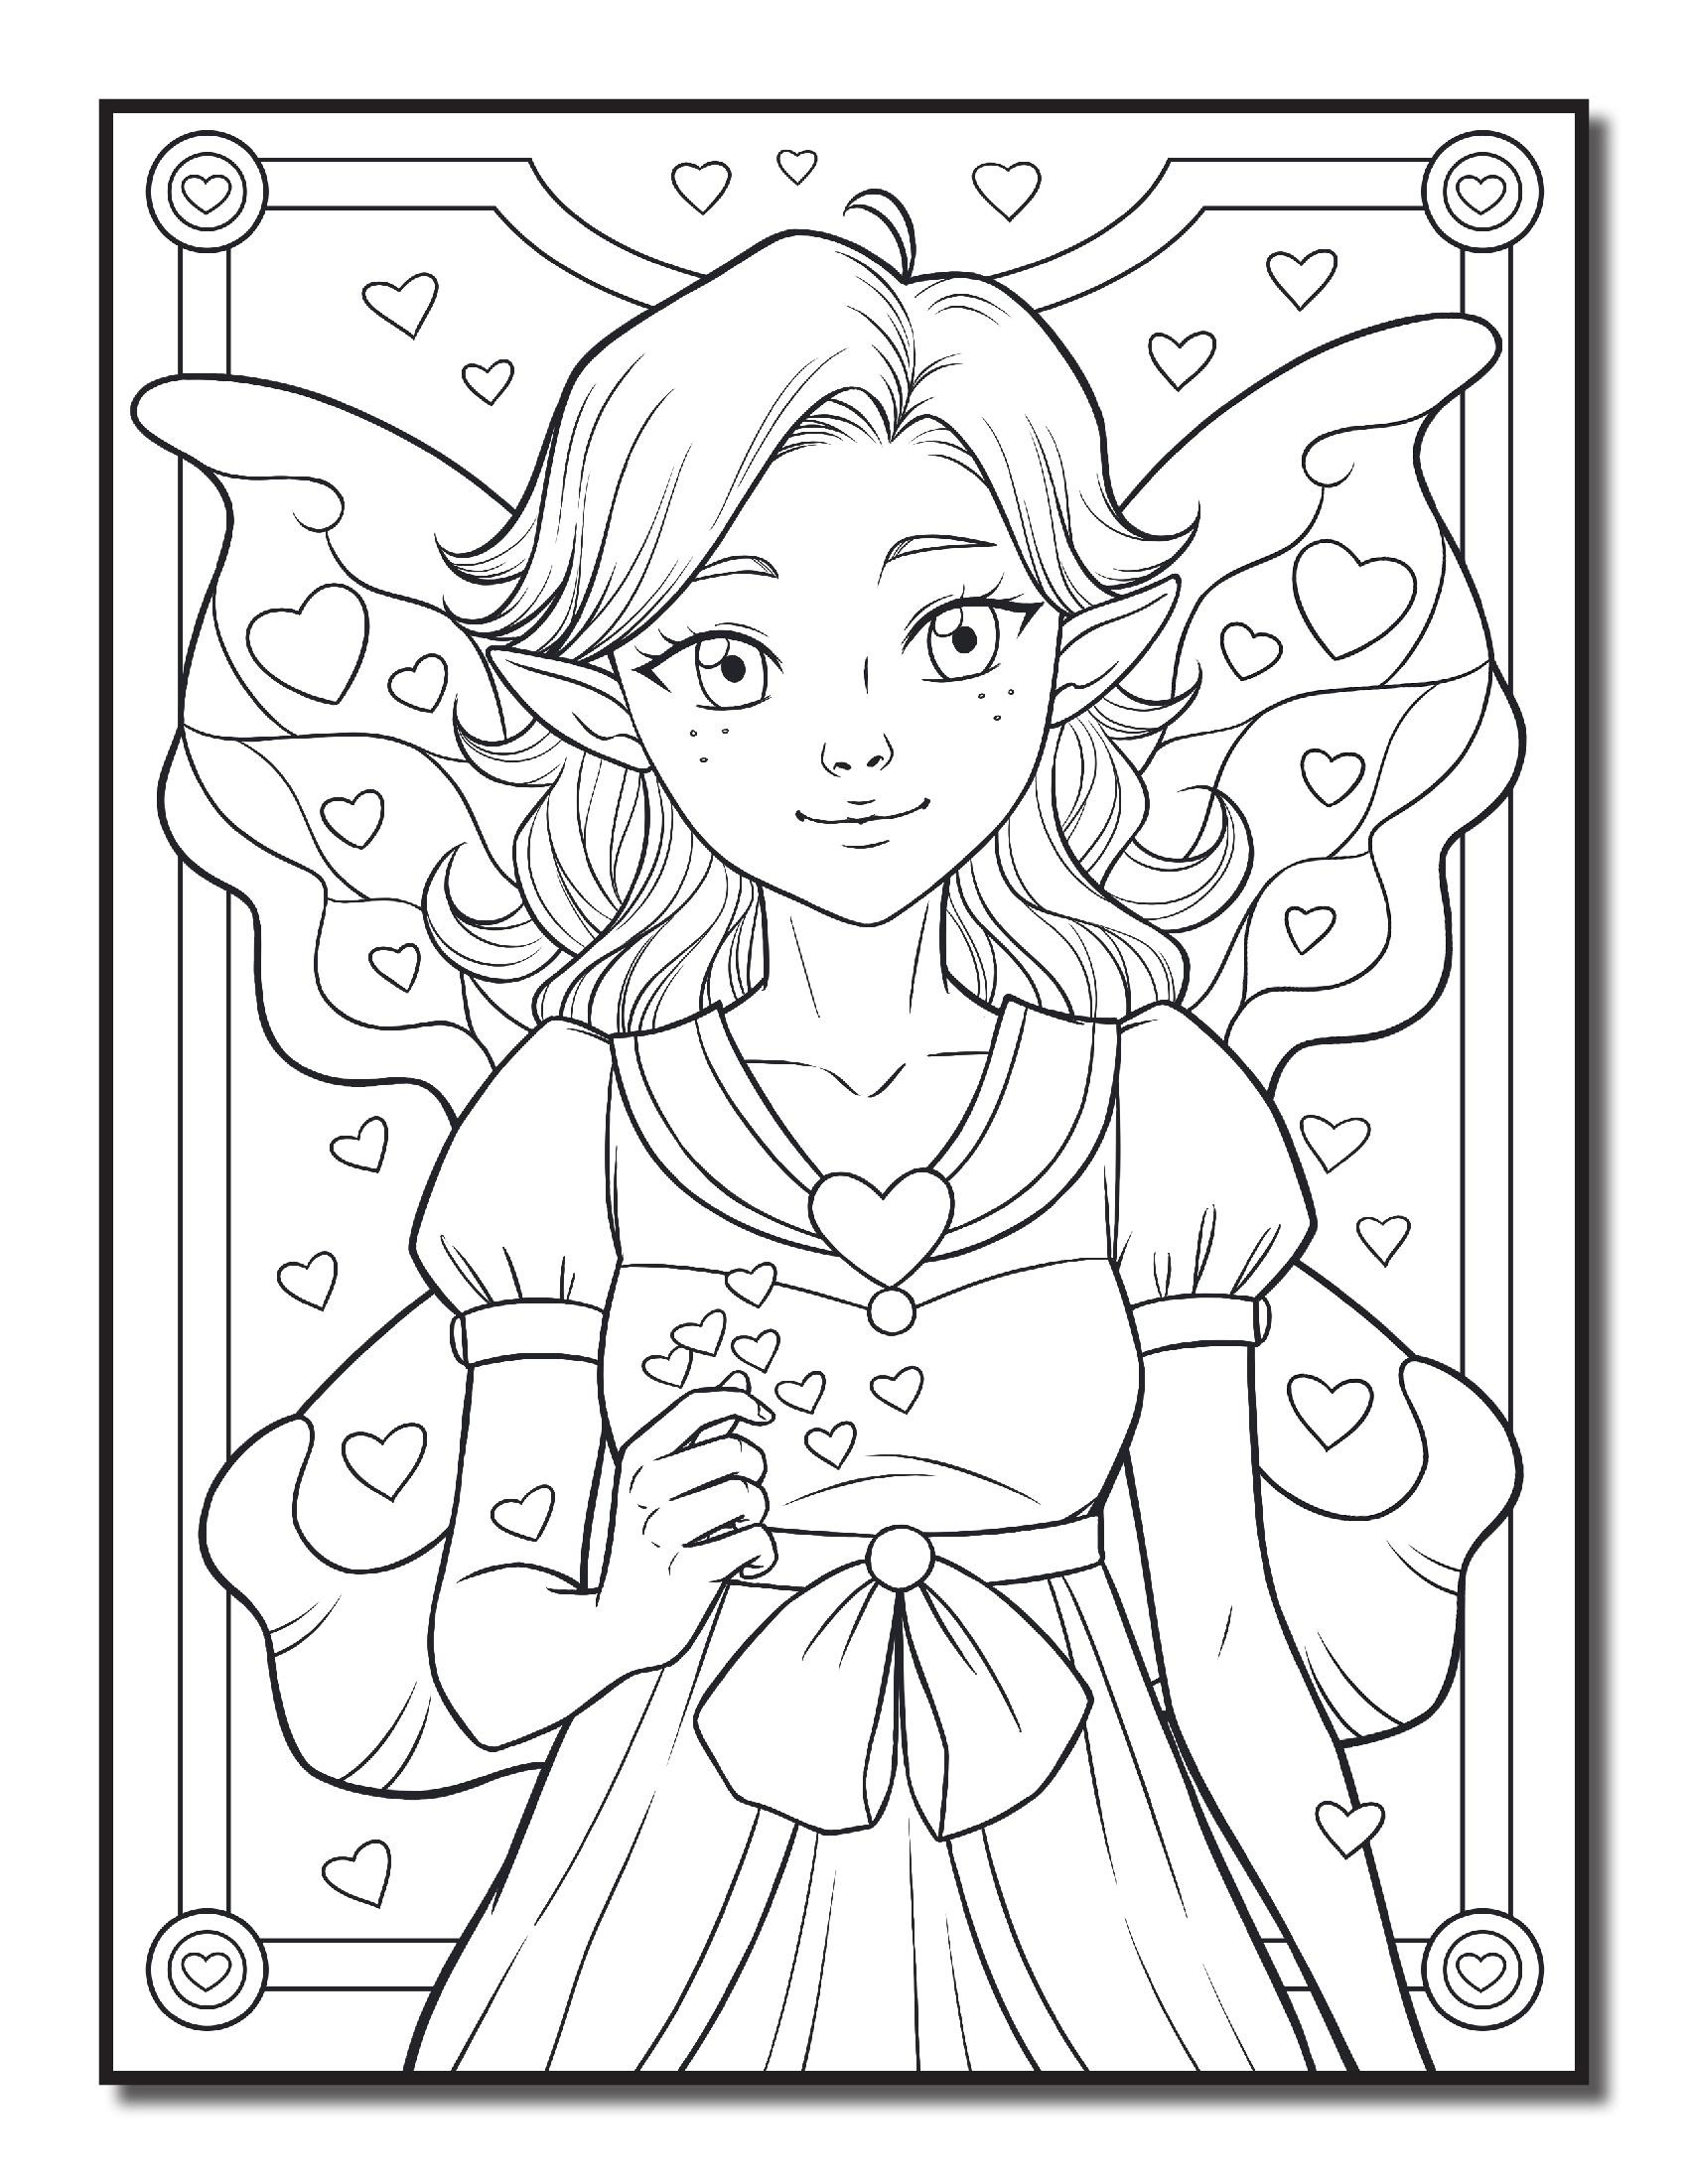 Фея девочка с крыльями